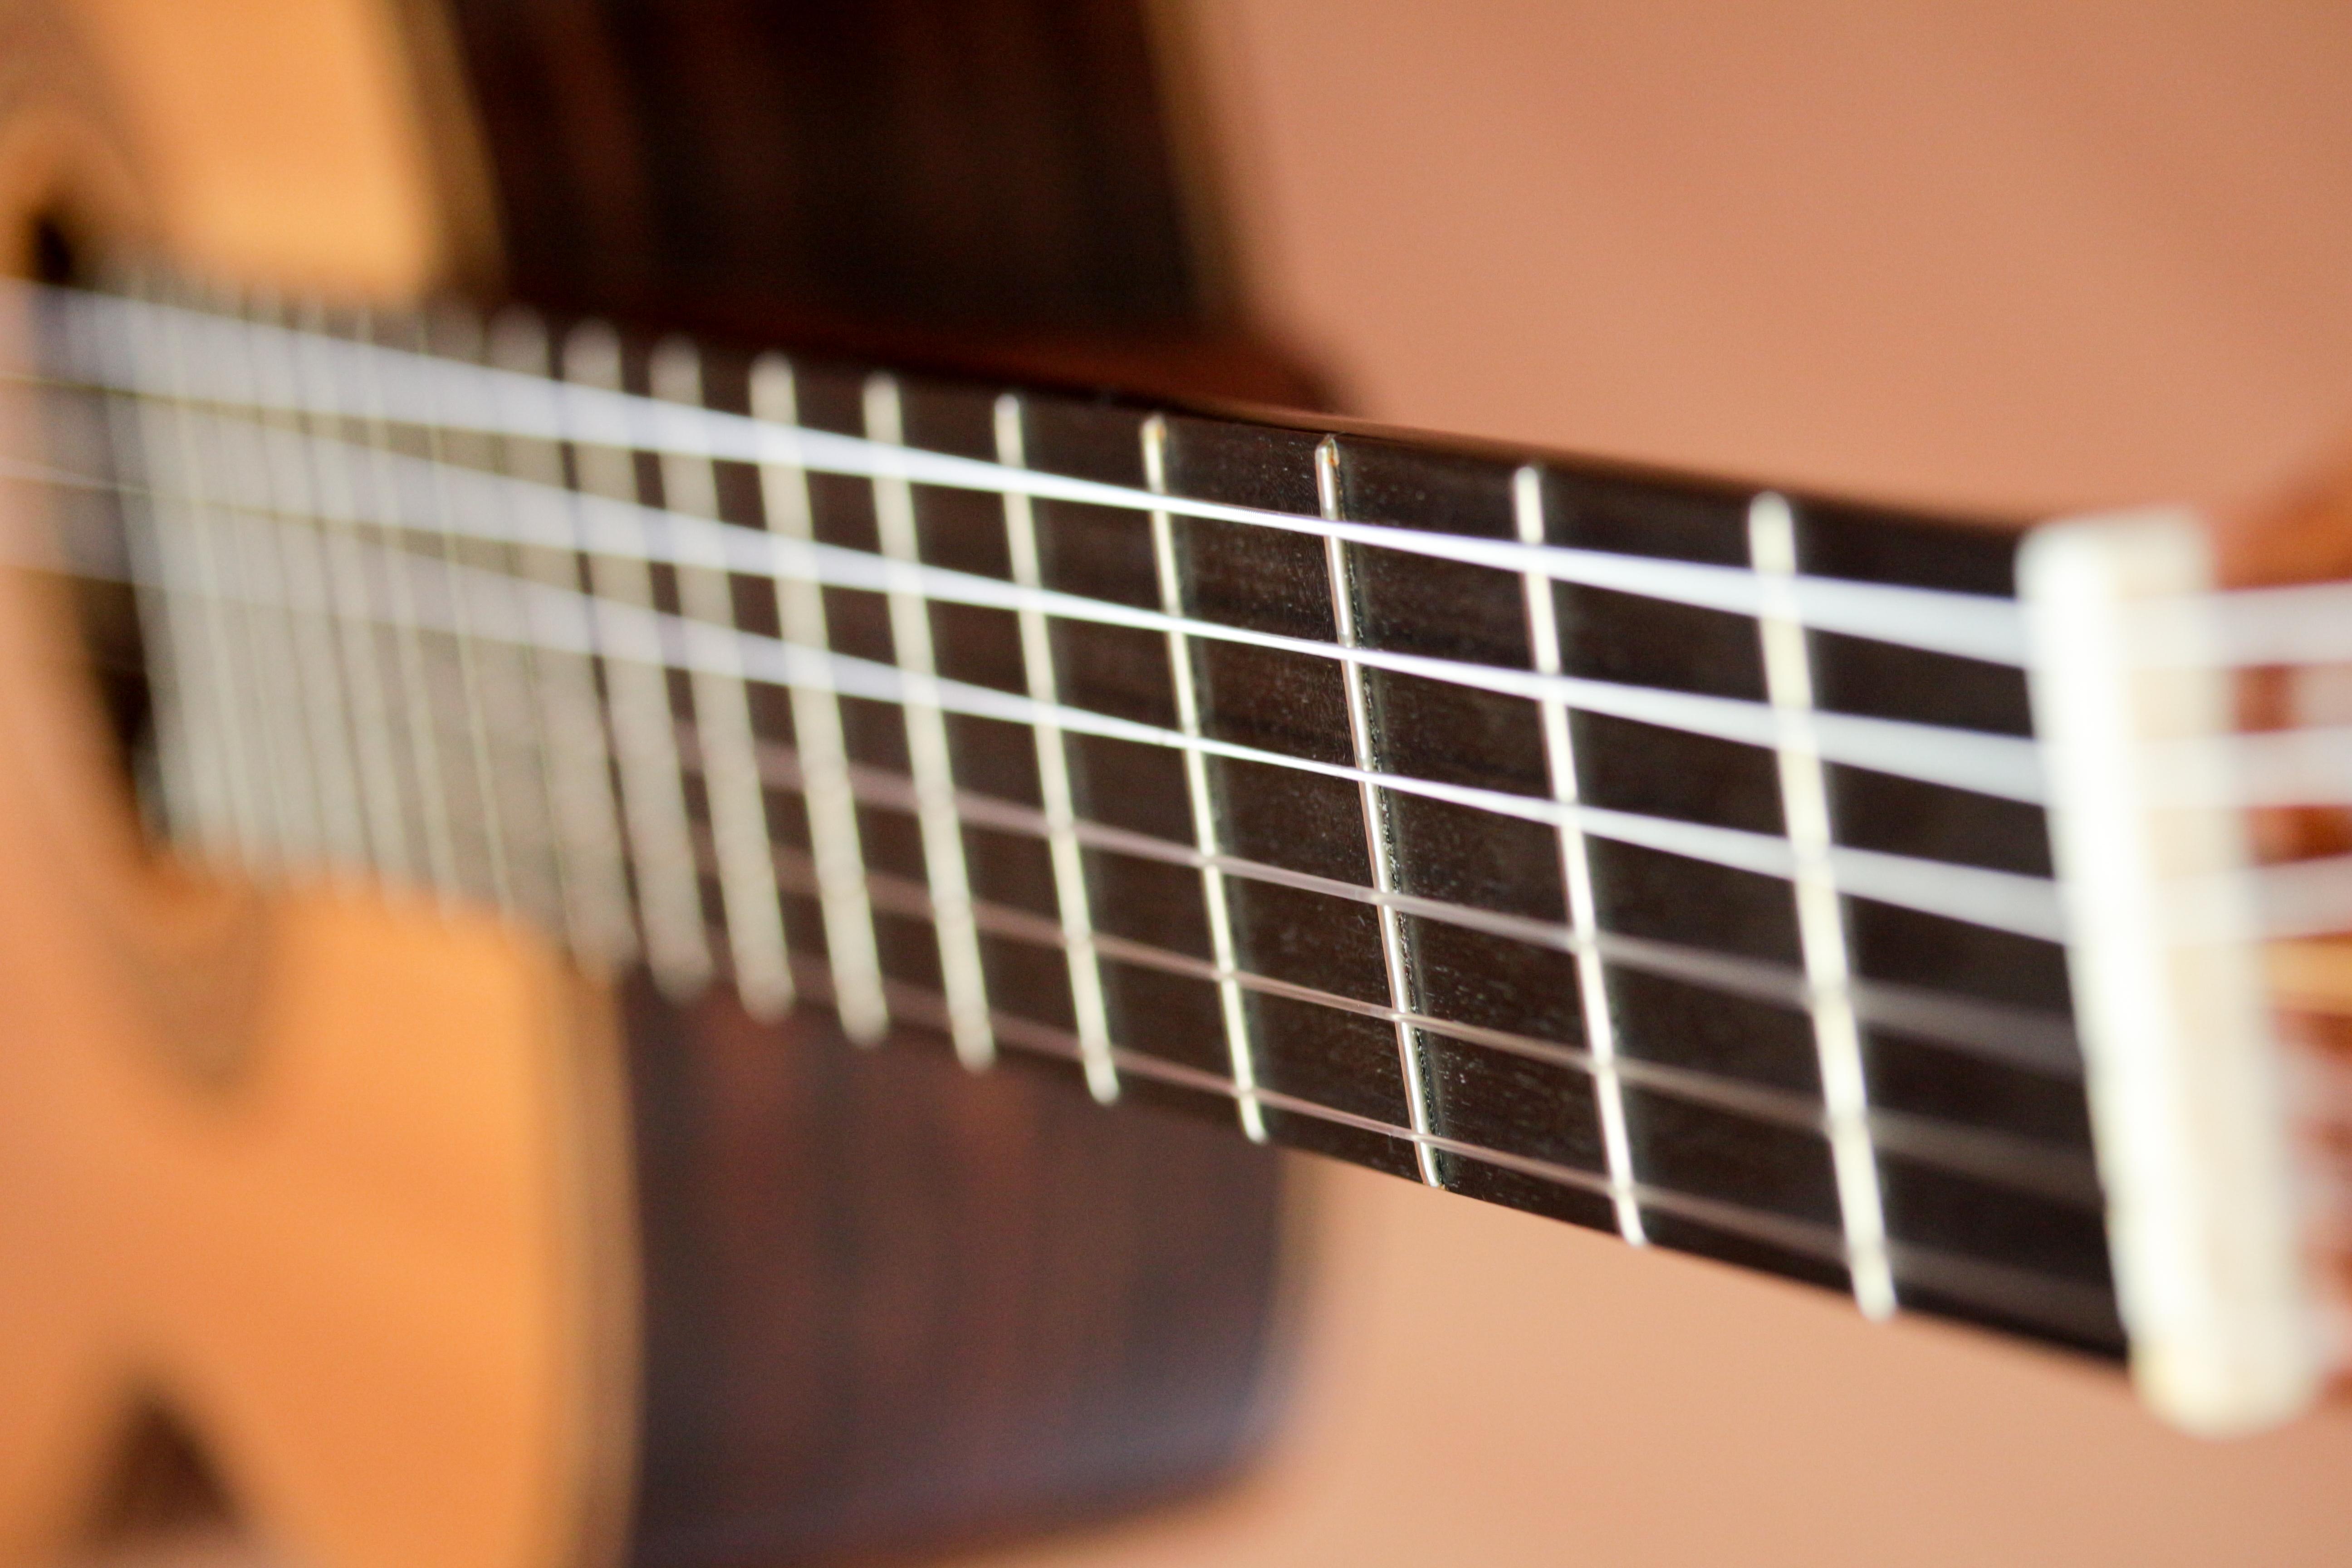 GitarrevonAnfang